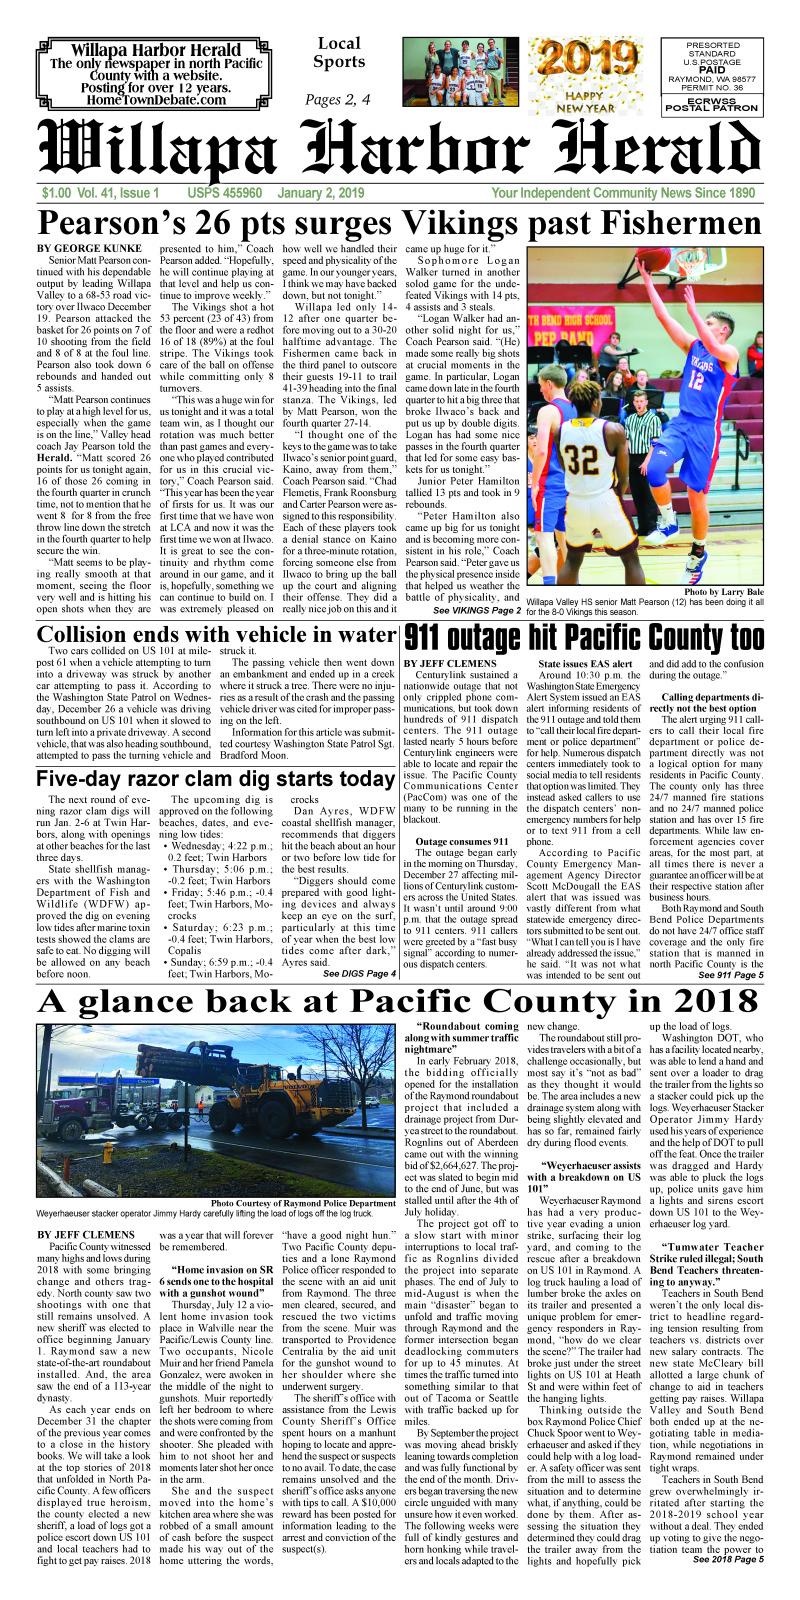 January 2, 2019 Willapa Harbor Herald